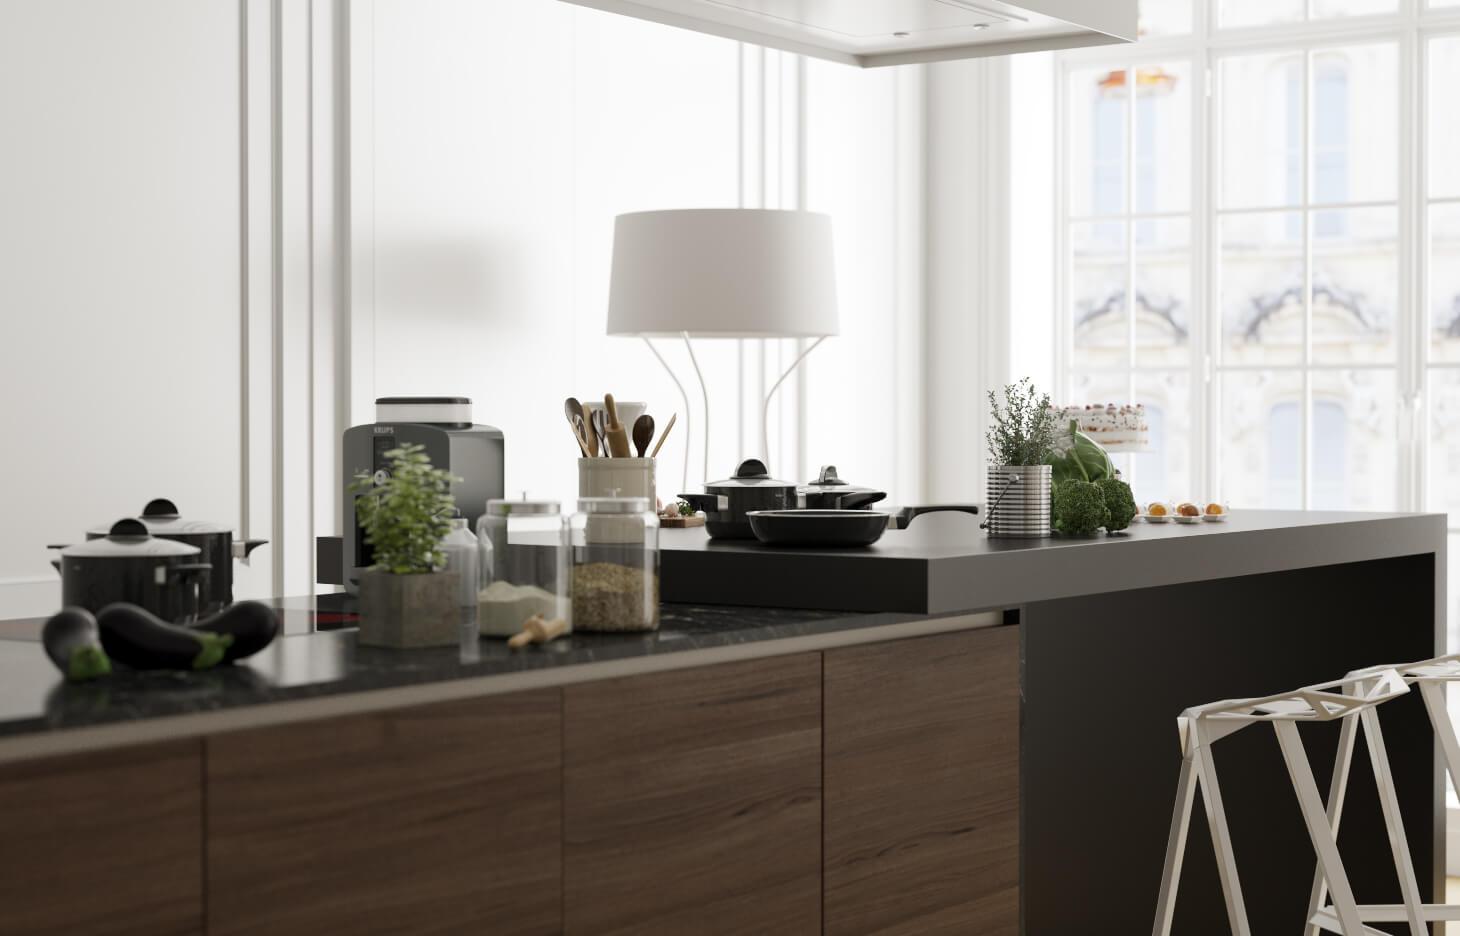 k che 3d visualisierung render vision. Black Bedroom Furniture Sets. Home Design Ideas